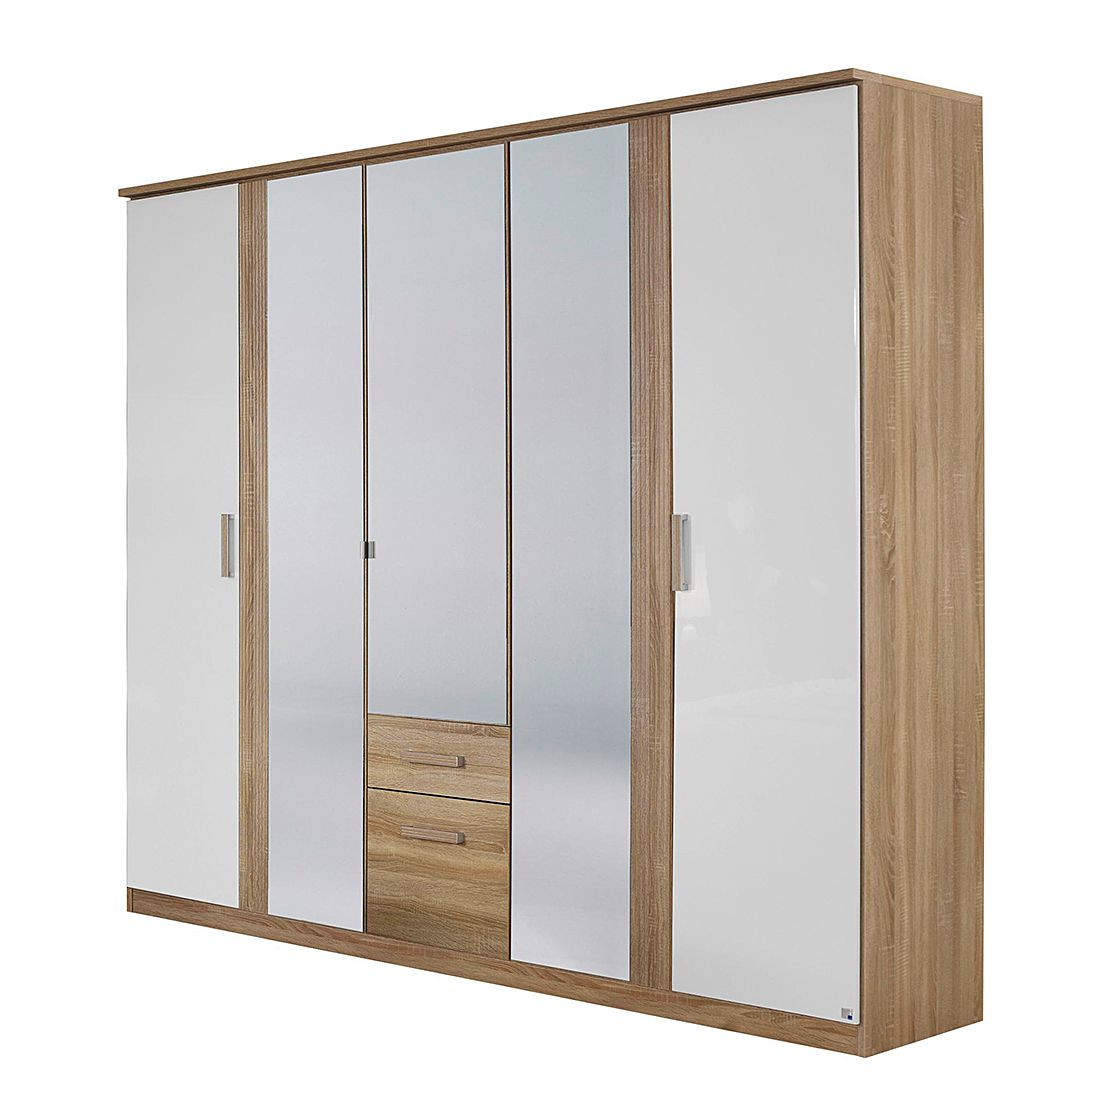 Drehtürenschrank Delft II – Eiche Sonoma Dekor/Hochglanz Weiß – Schrankbreite: 226 cm – 5-türig, Rauch Pack´s jetzt bestellen